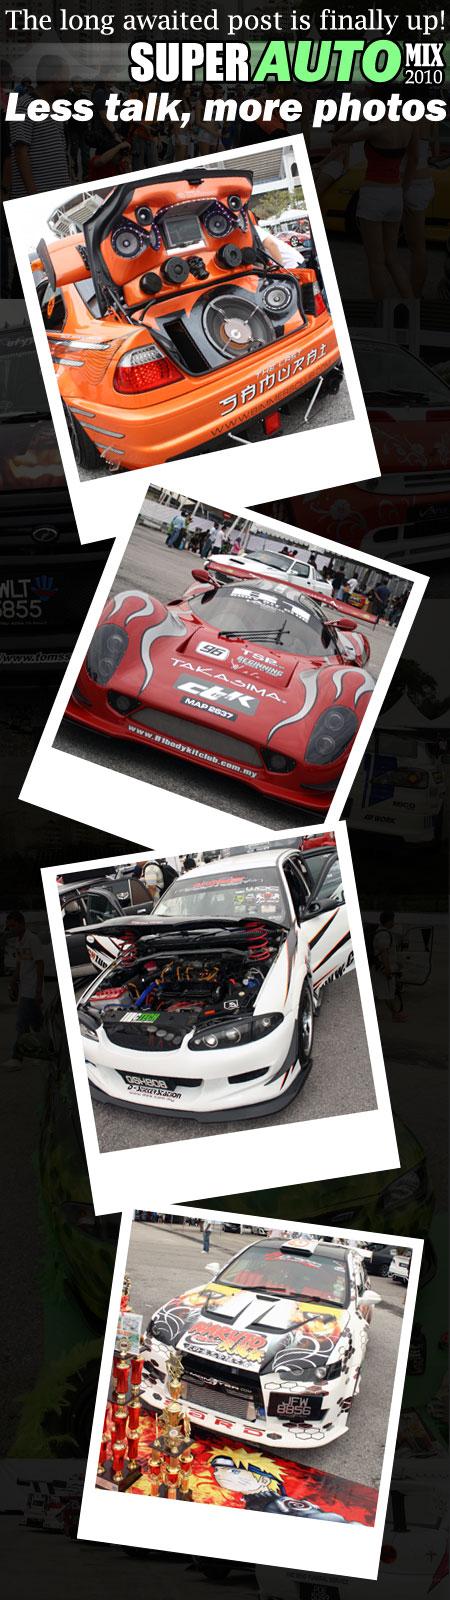 super auto mix 2010